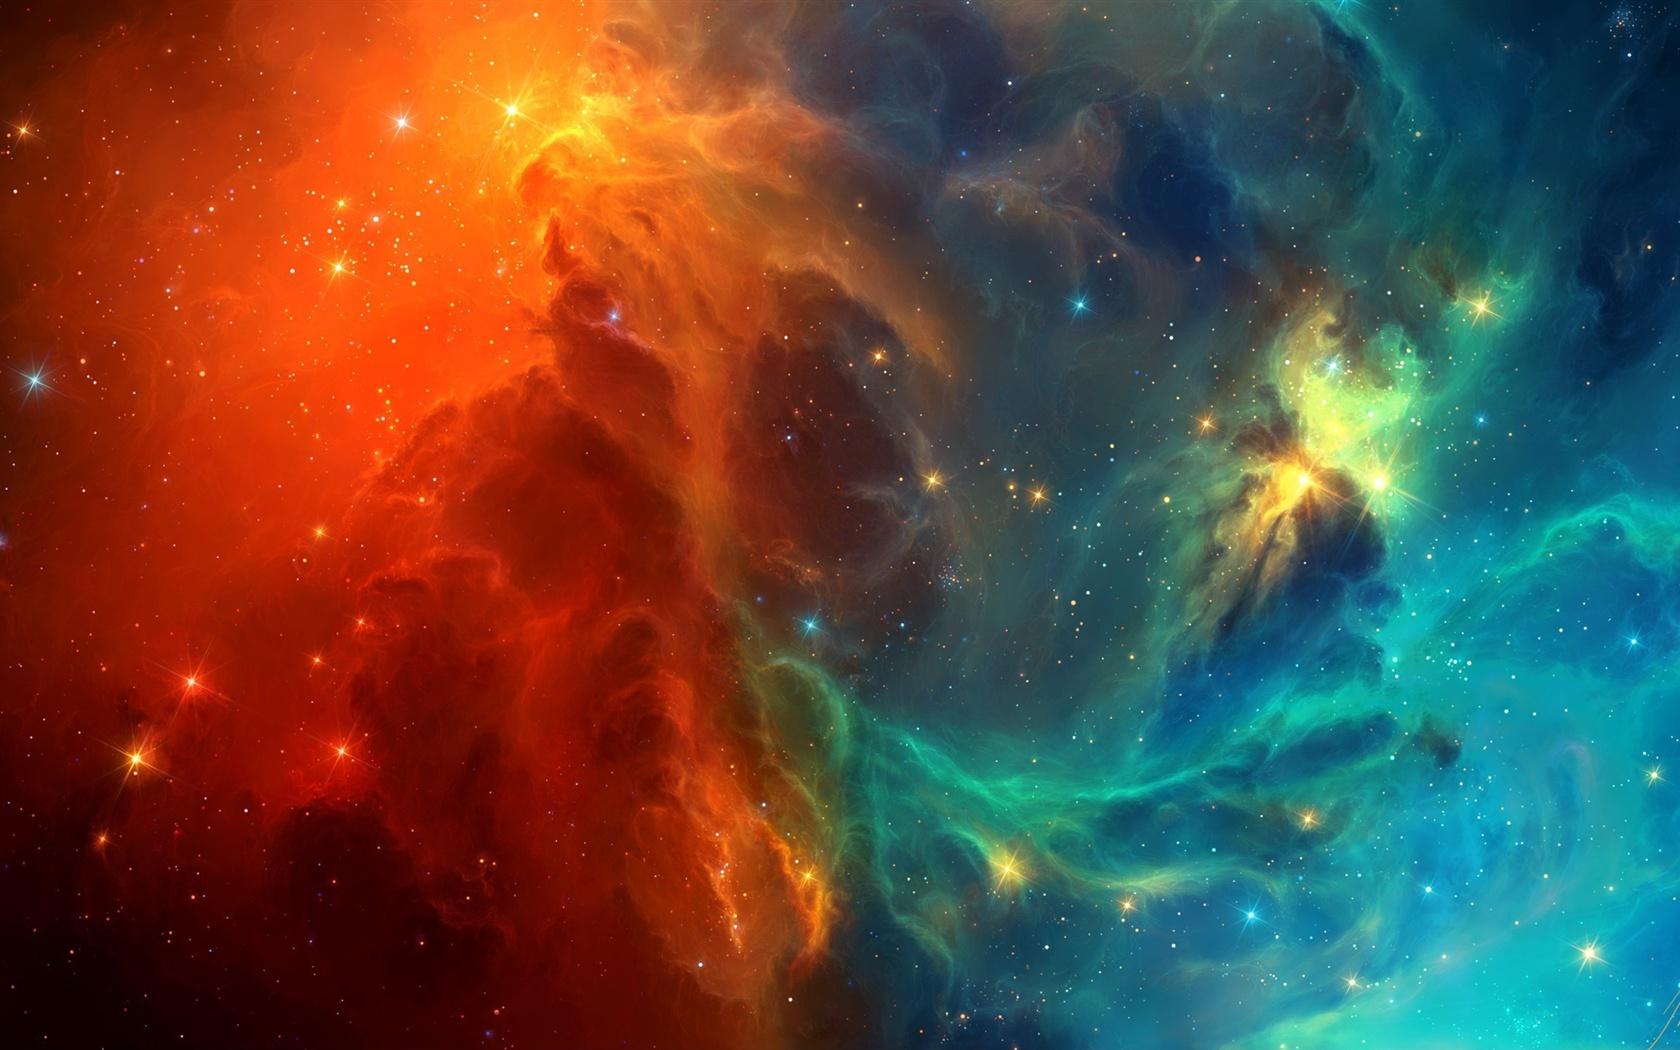 Space nebel blau und rot galaxien 2560x1440 qhd - Blue space galaxy wallpaper ...